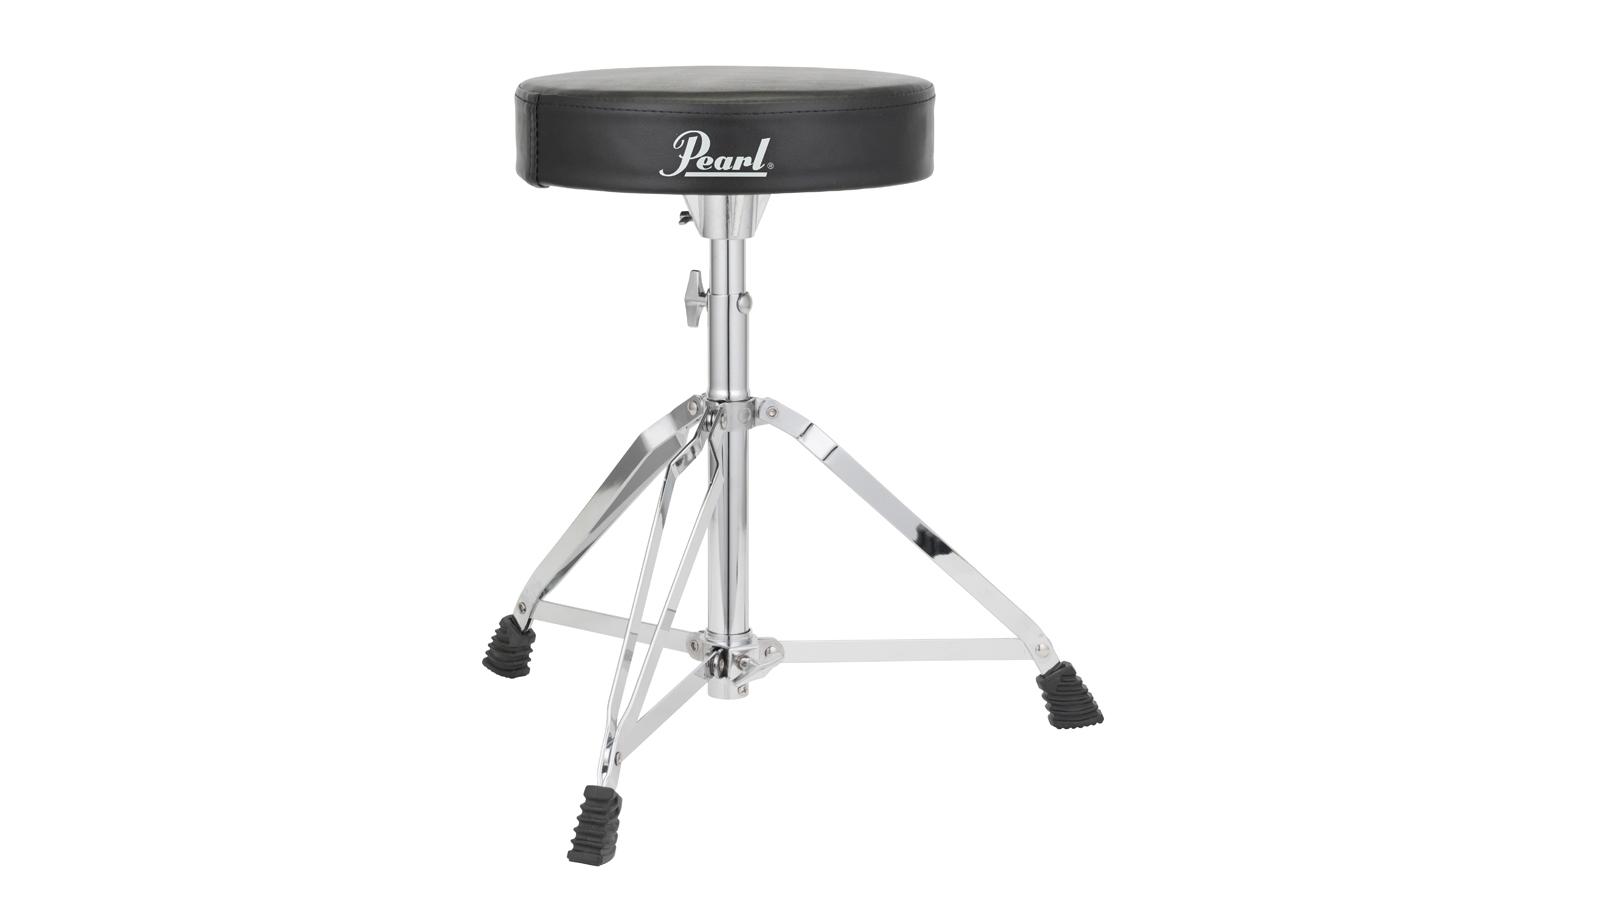 Pearl D50 Schlagzeug Hocker